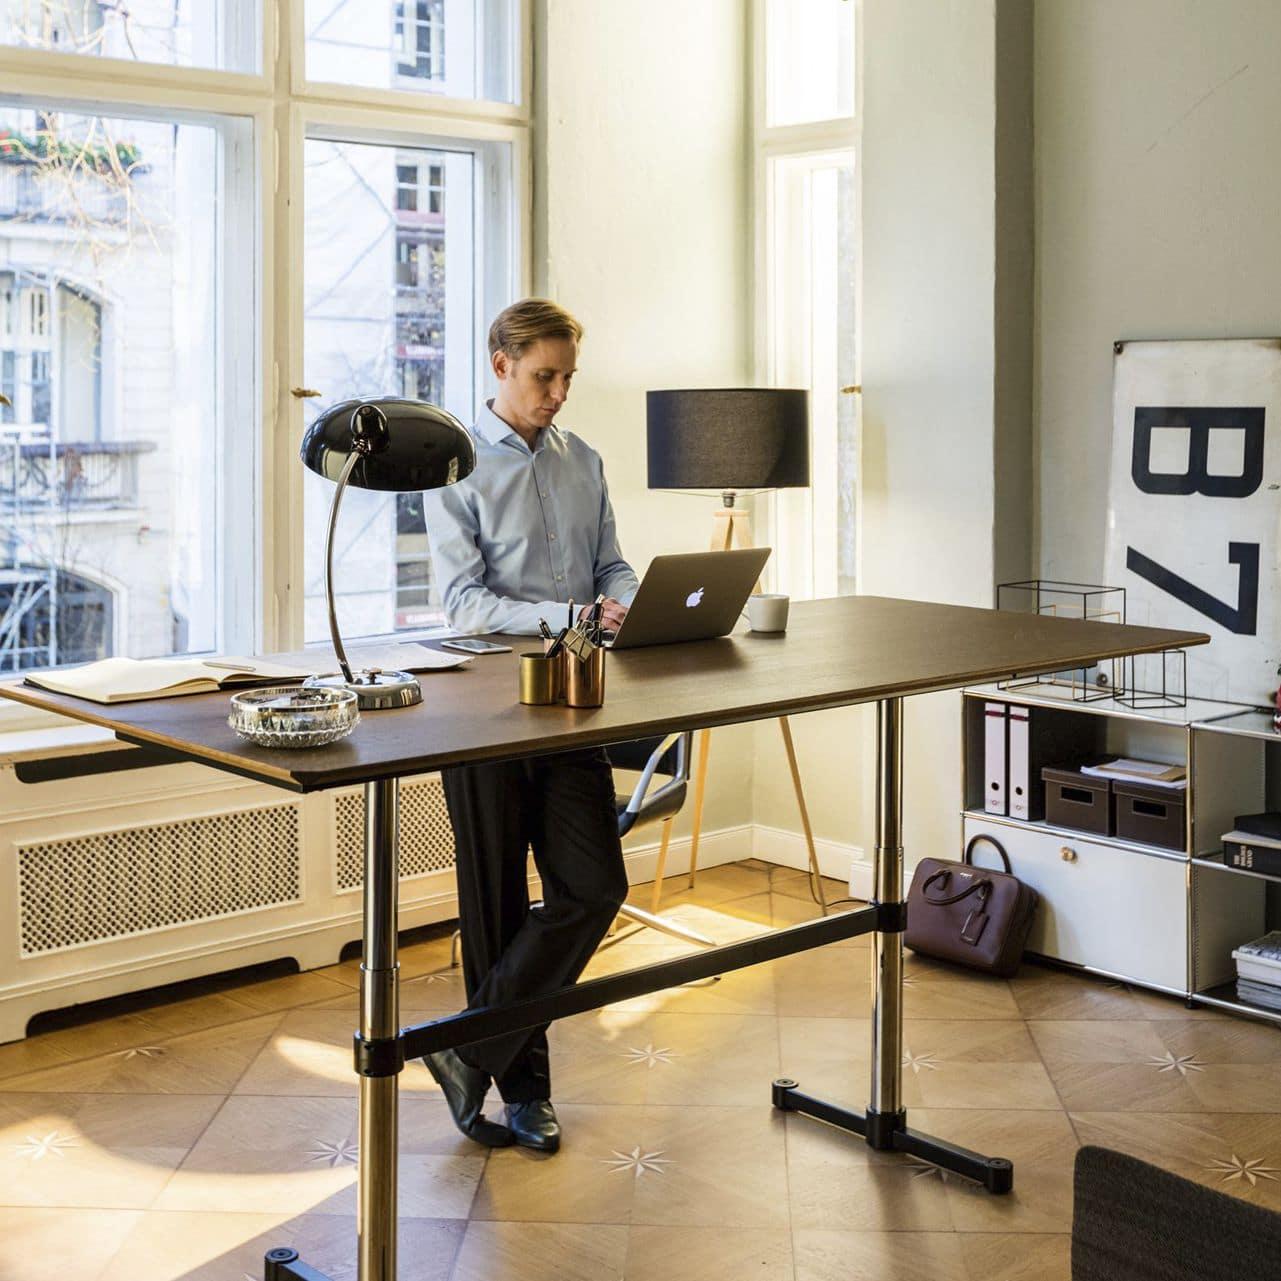 pessoa trabalhando em pé na mesa com altura regulável